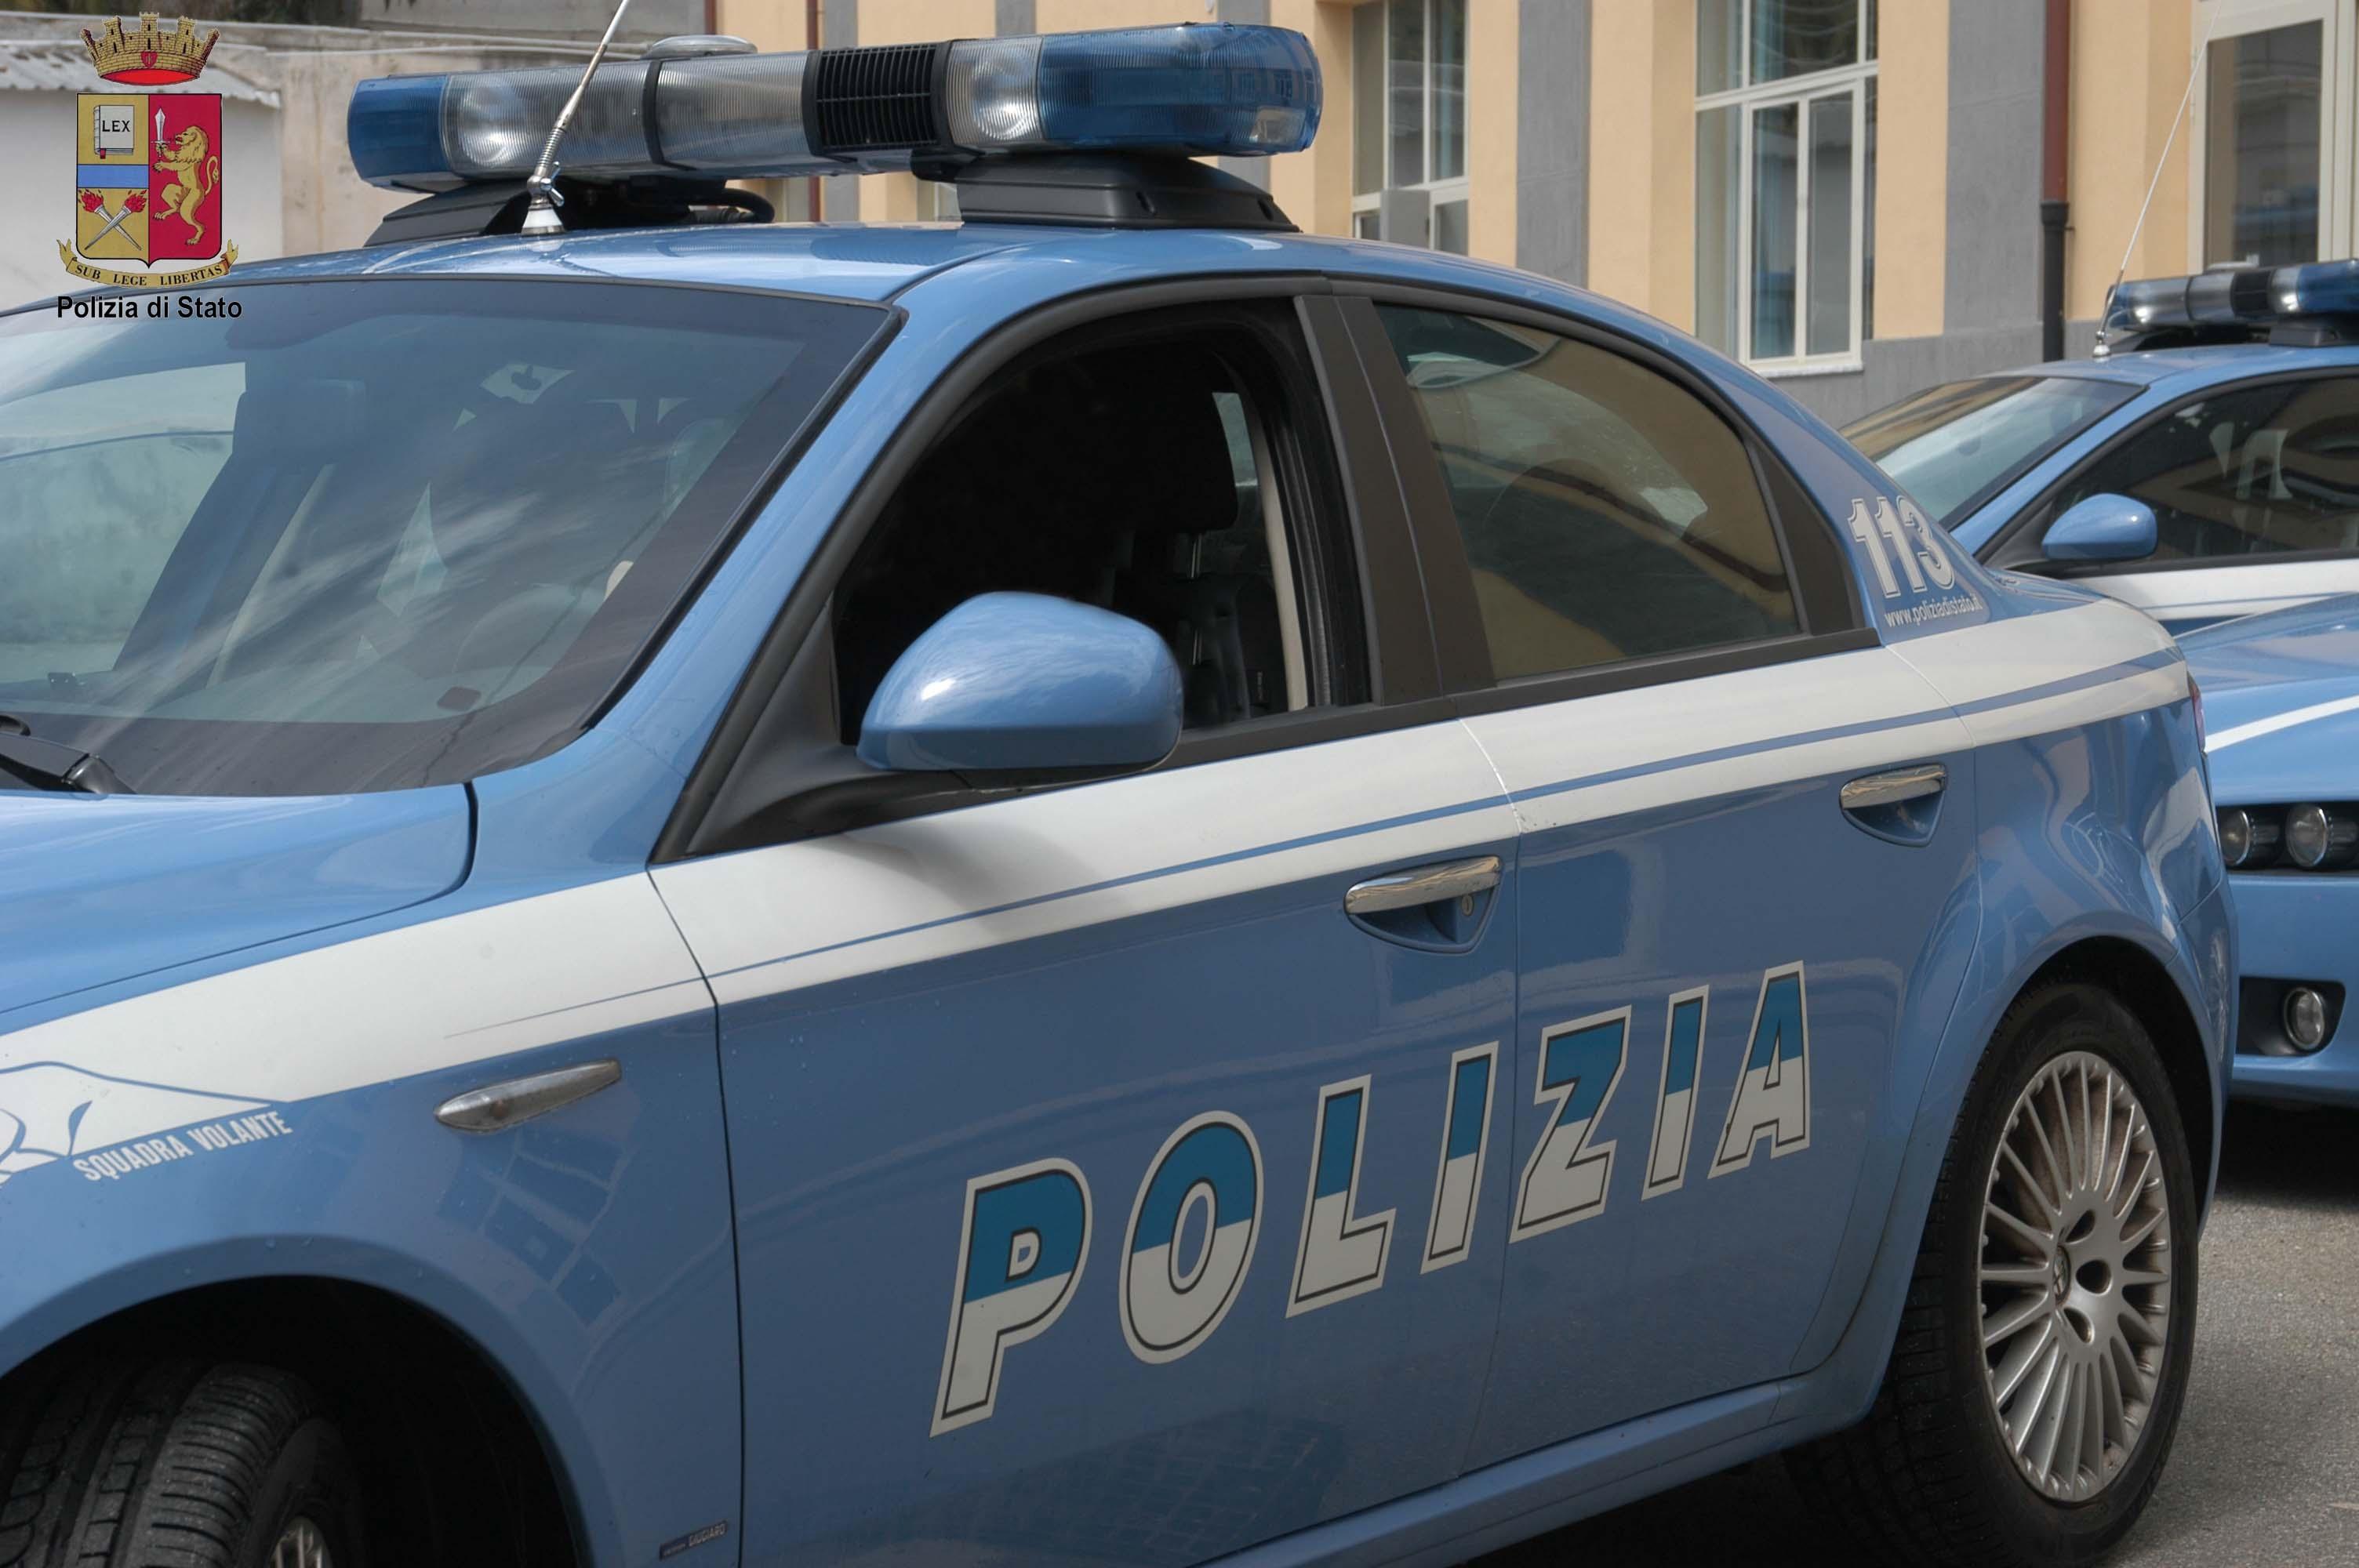 POLIZIA DI STATO: Report consuntivo in provincia di Trapani dal 28 ottobre al 3 novembre